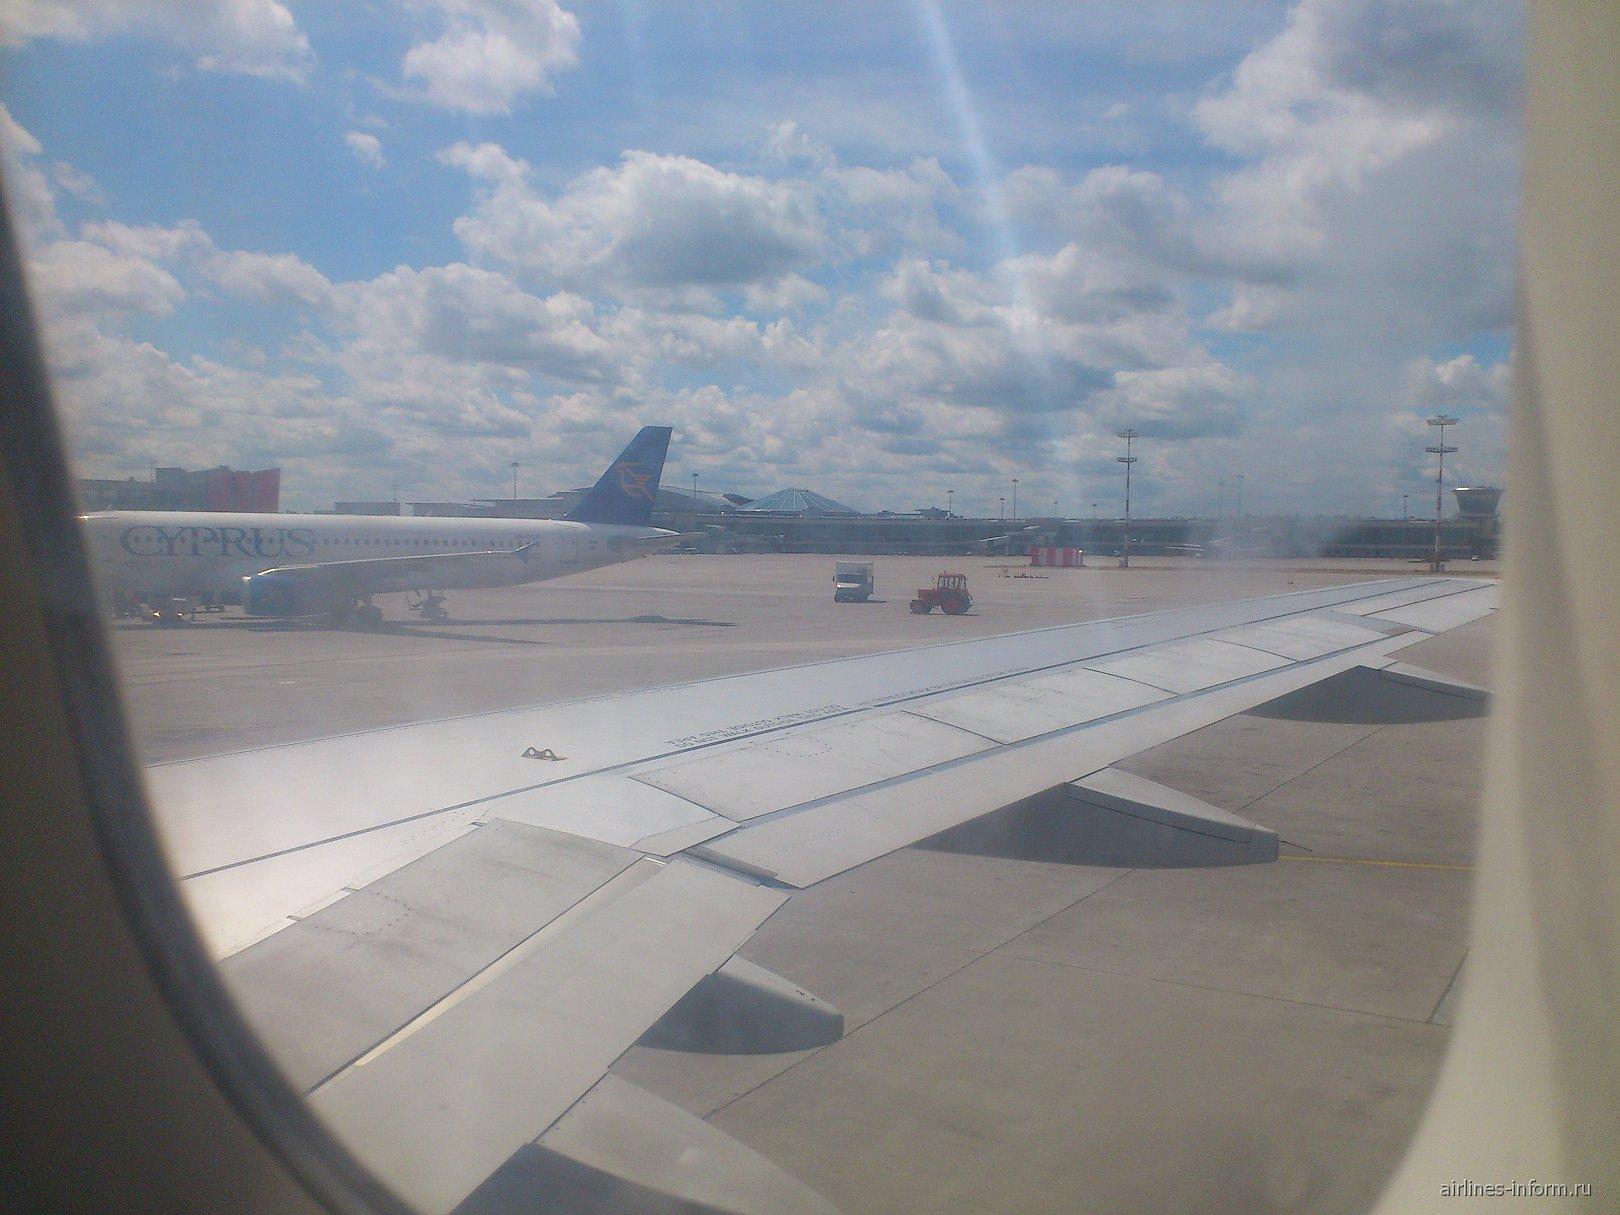 Рейс Иркутск-Москва Аэрофлота прибыл в аэропорт Шереметьево